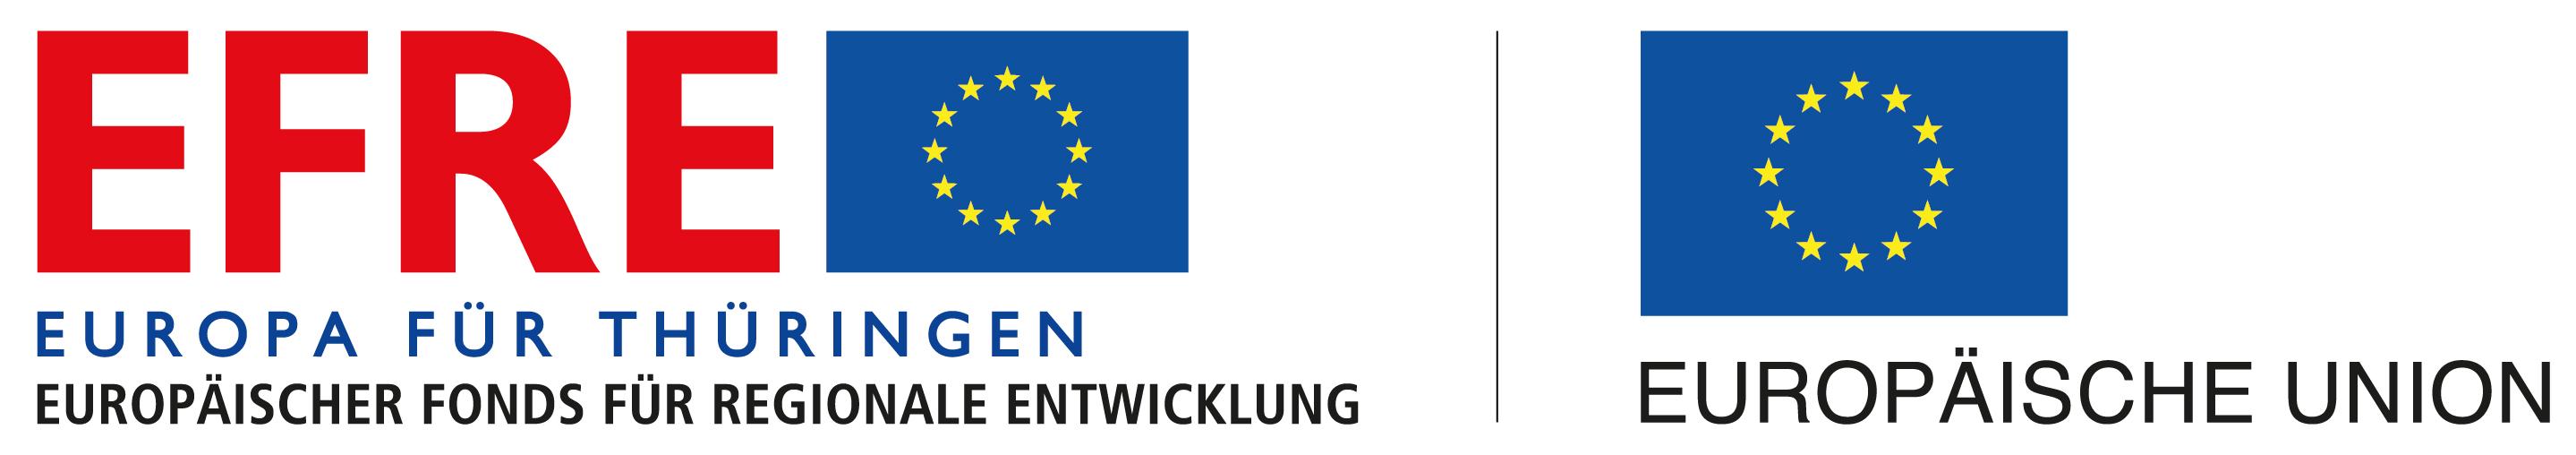 Europa für Thüringen Logo